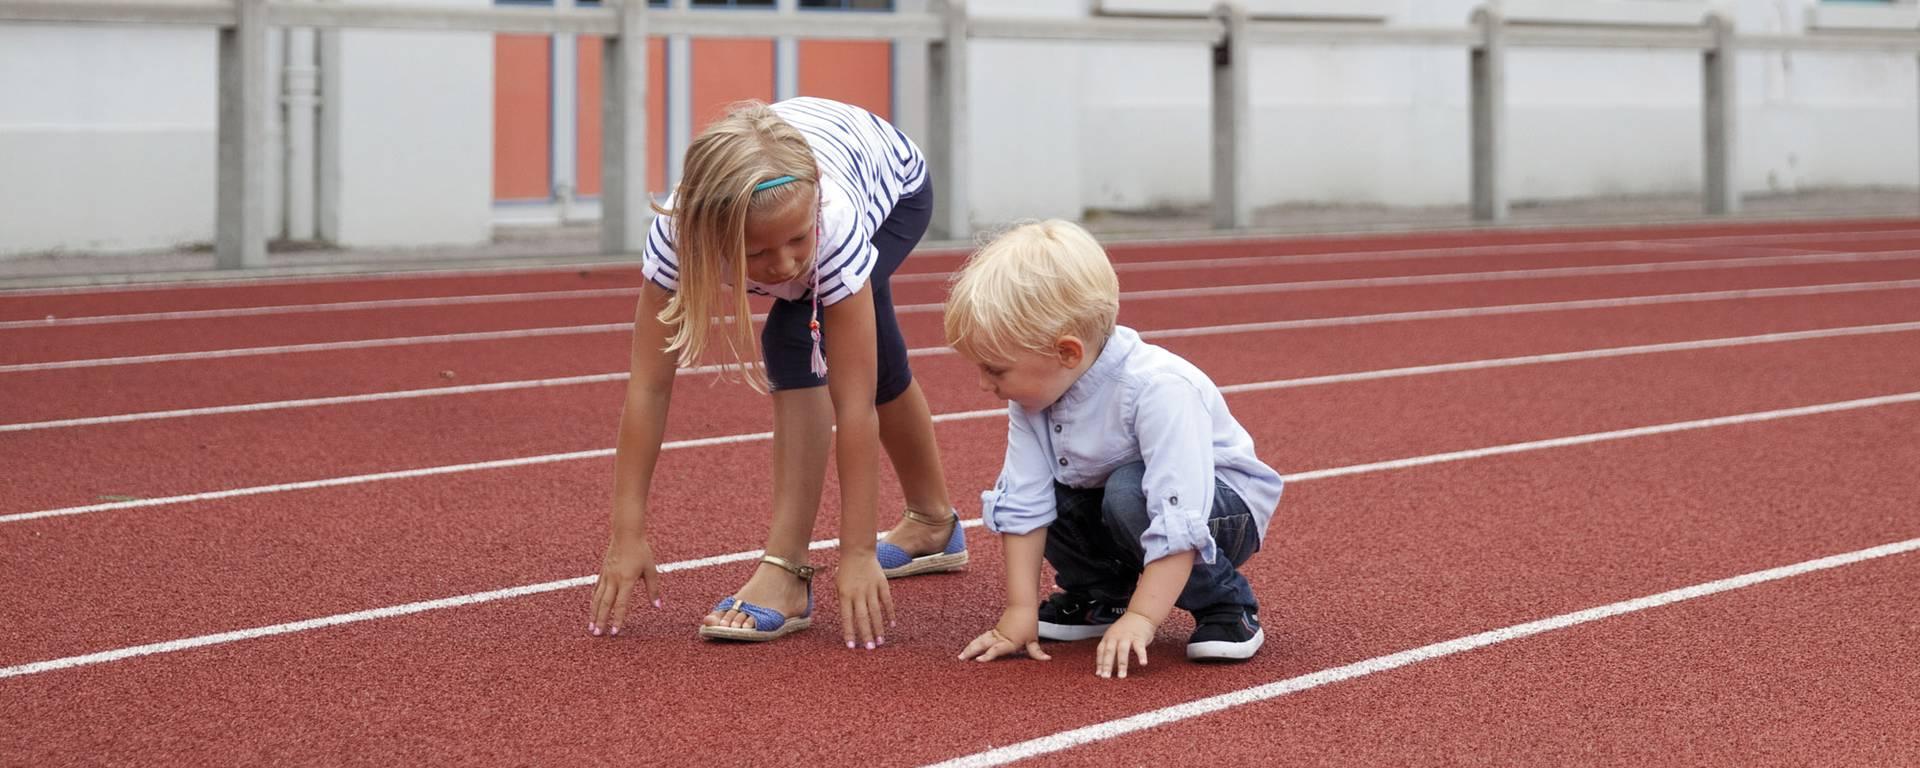 La piste d'athlétisme Bruay-La-Buissière © Brigitte Baudesson